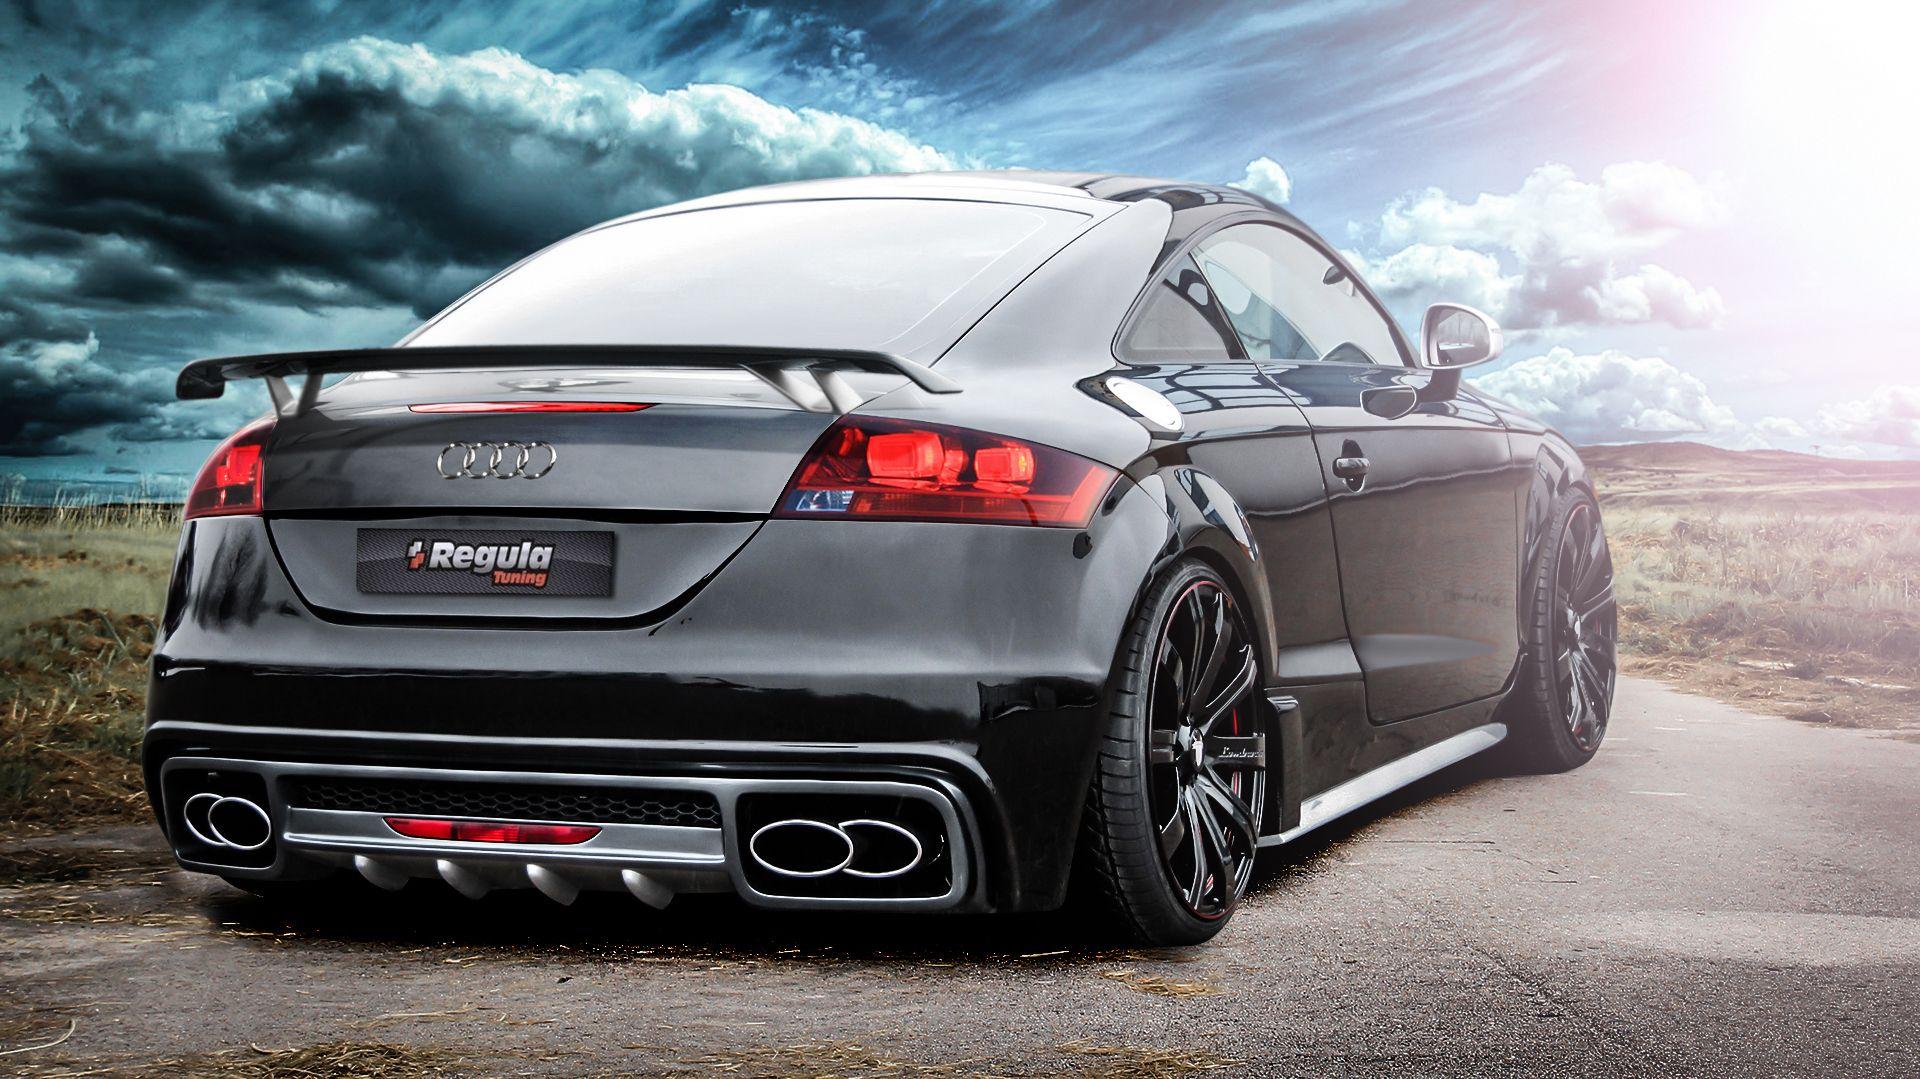 Audi tt 8j gtrs body kit by regula tuning germany audi pinterest audi tt audi and cars